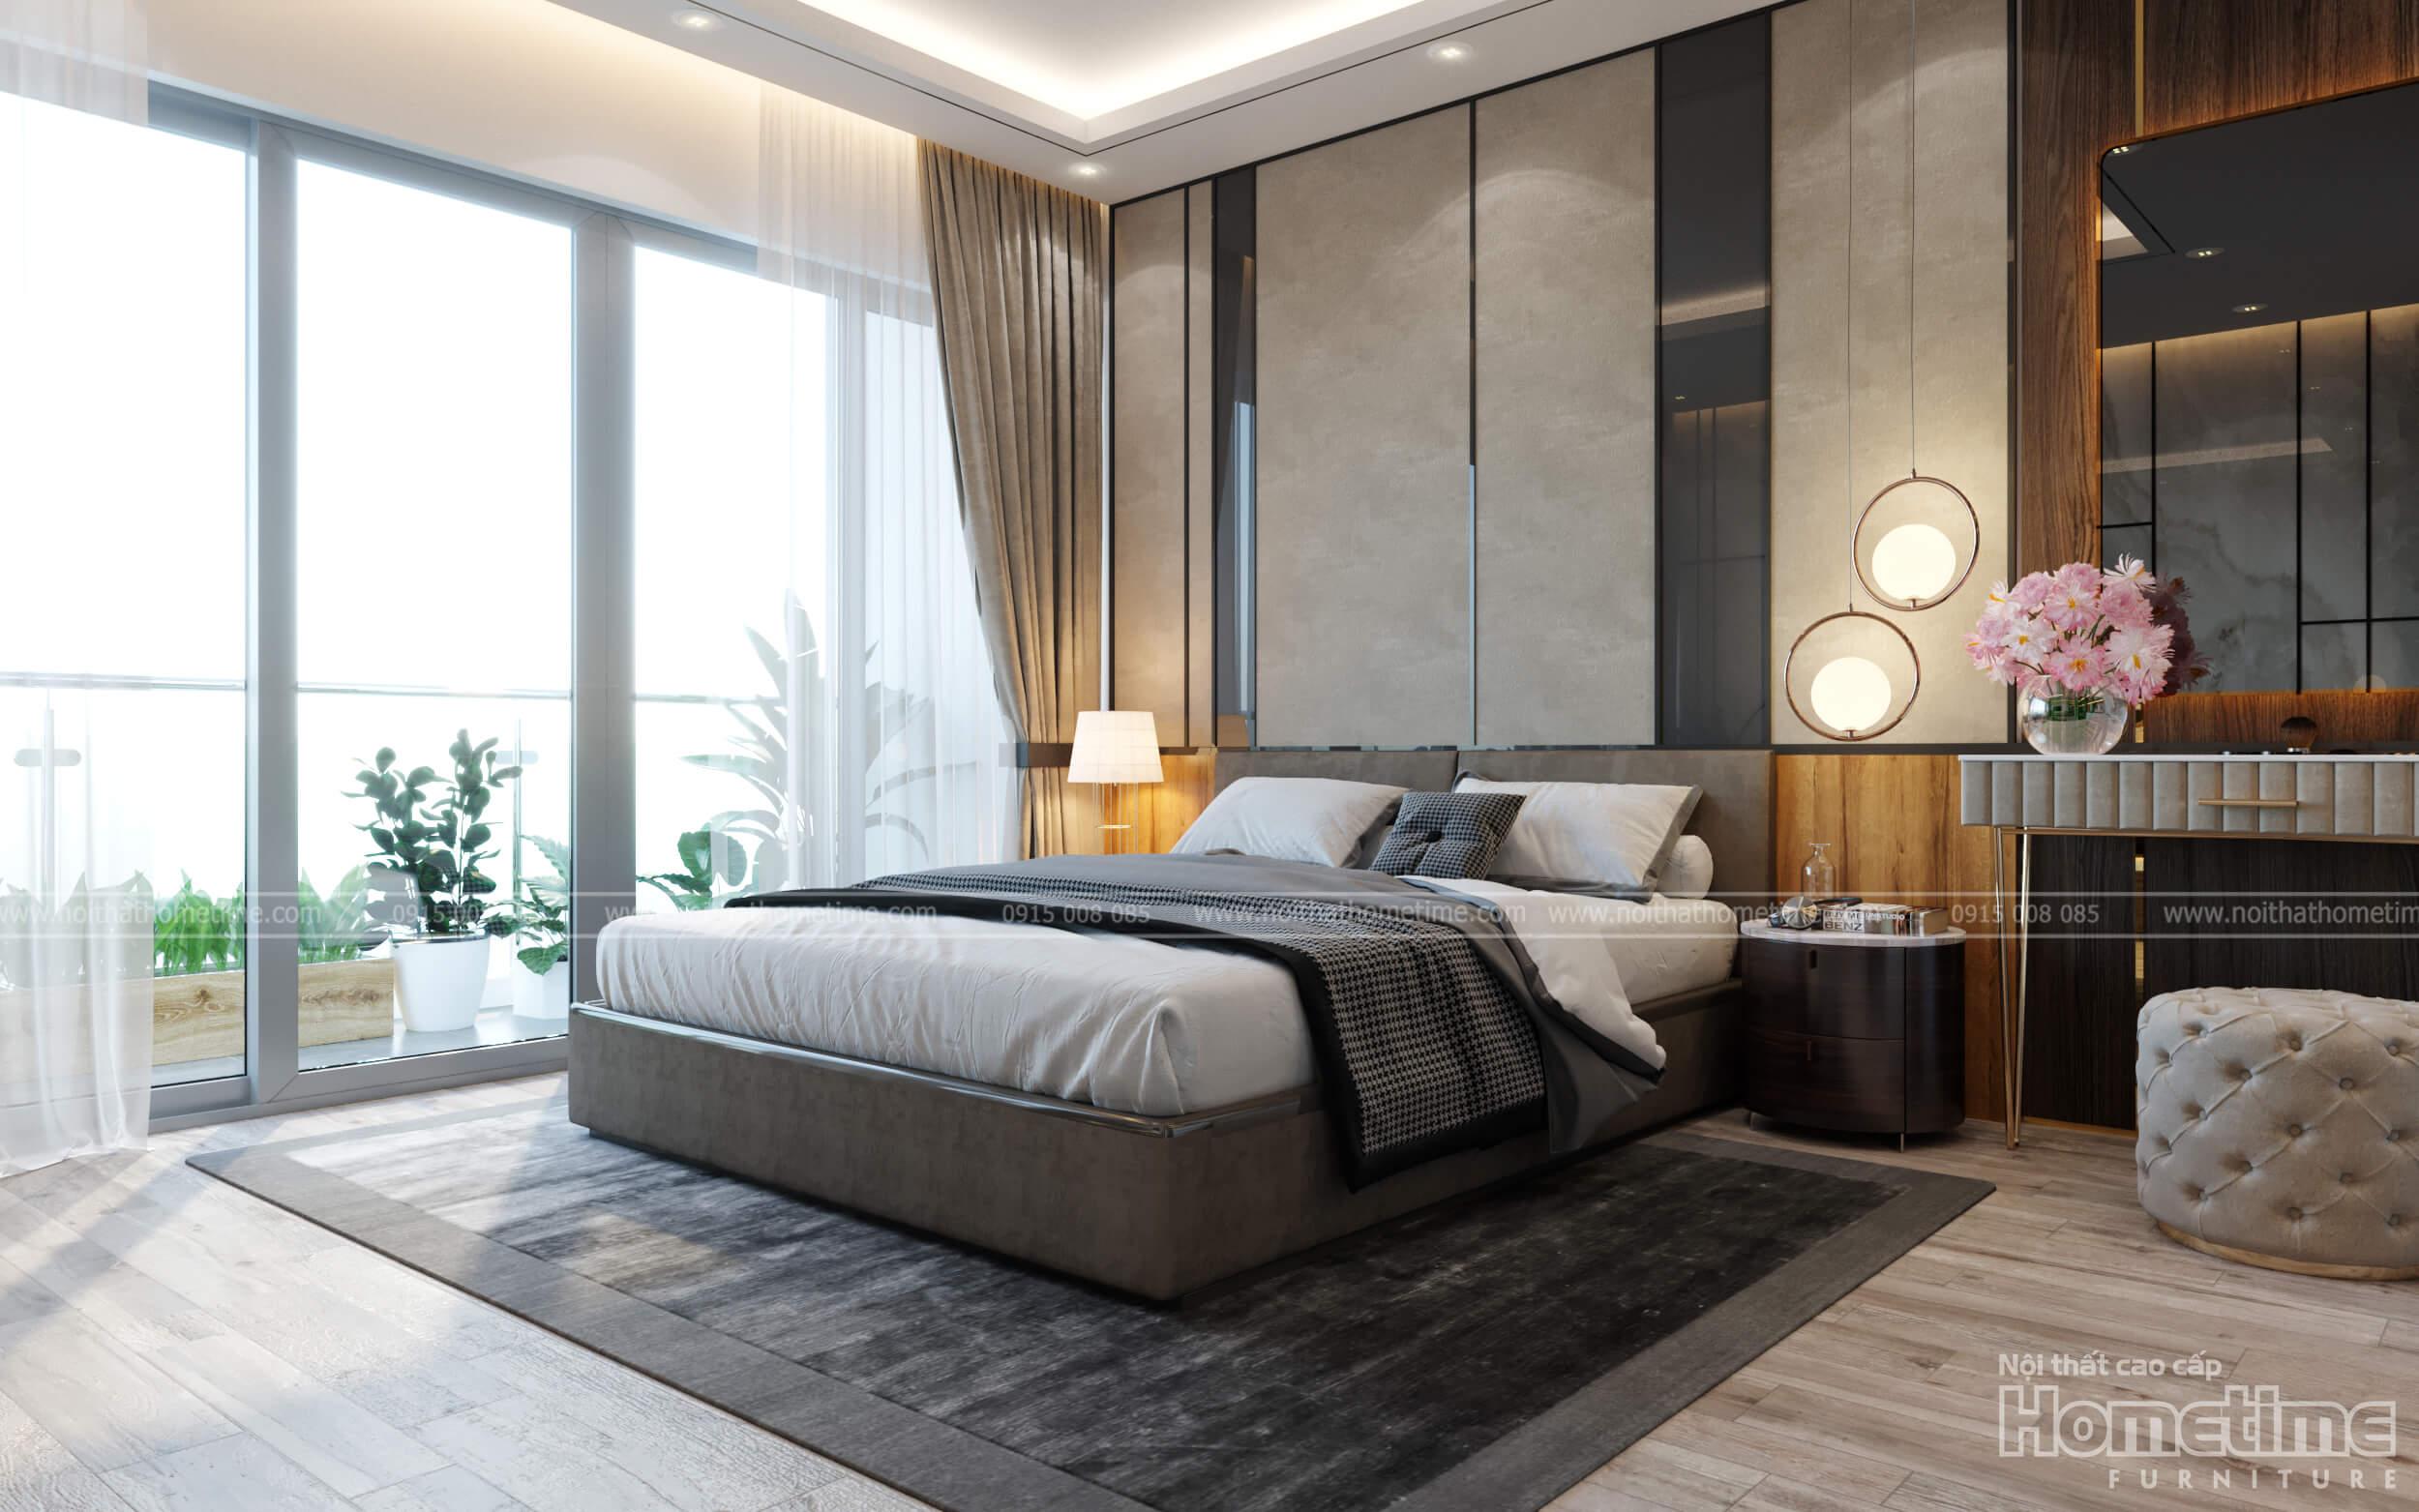 Phong cách thiết kế nội thất phòng ngủ sang trọng